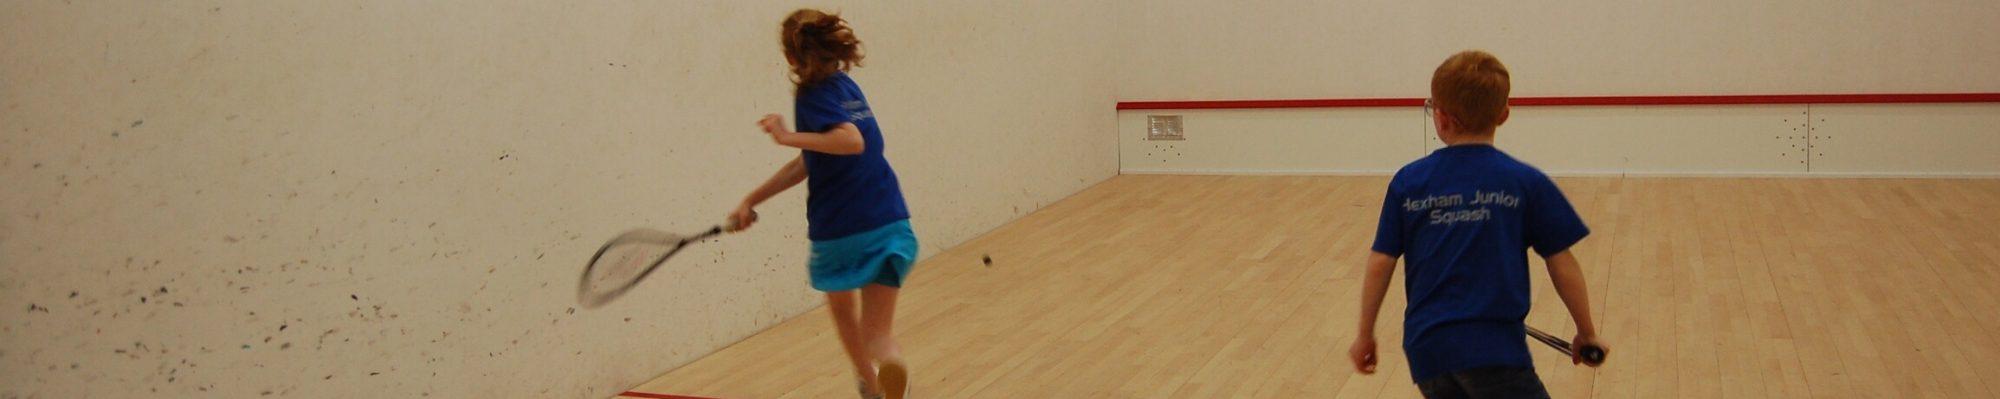 Hexham Squash Club